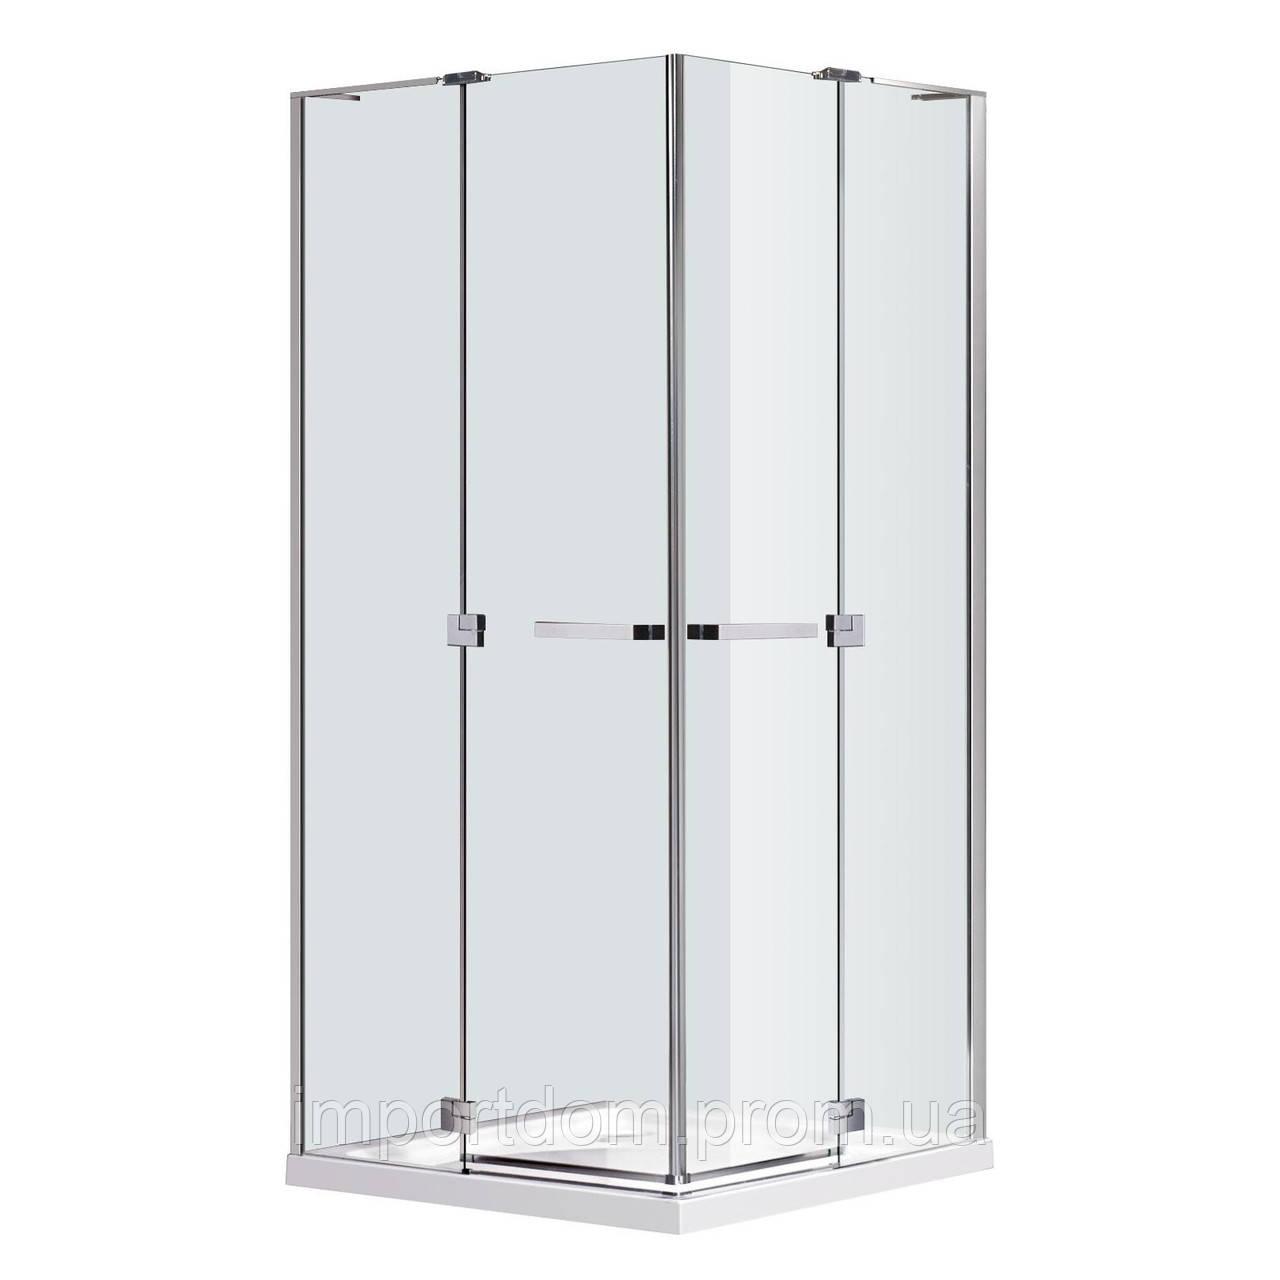 RUBIK Душевая кабина квадратная 100*100*190 см (стекла+двери), распашные двери, стекло прозрачное 8 мм (без